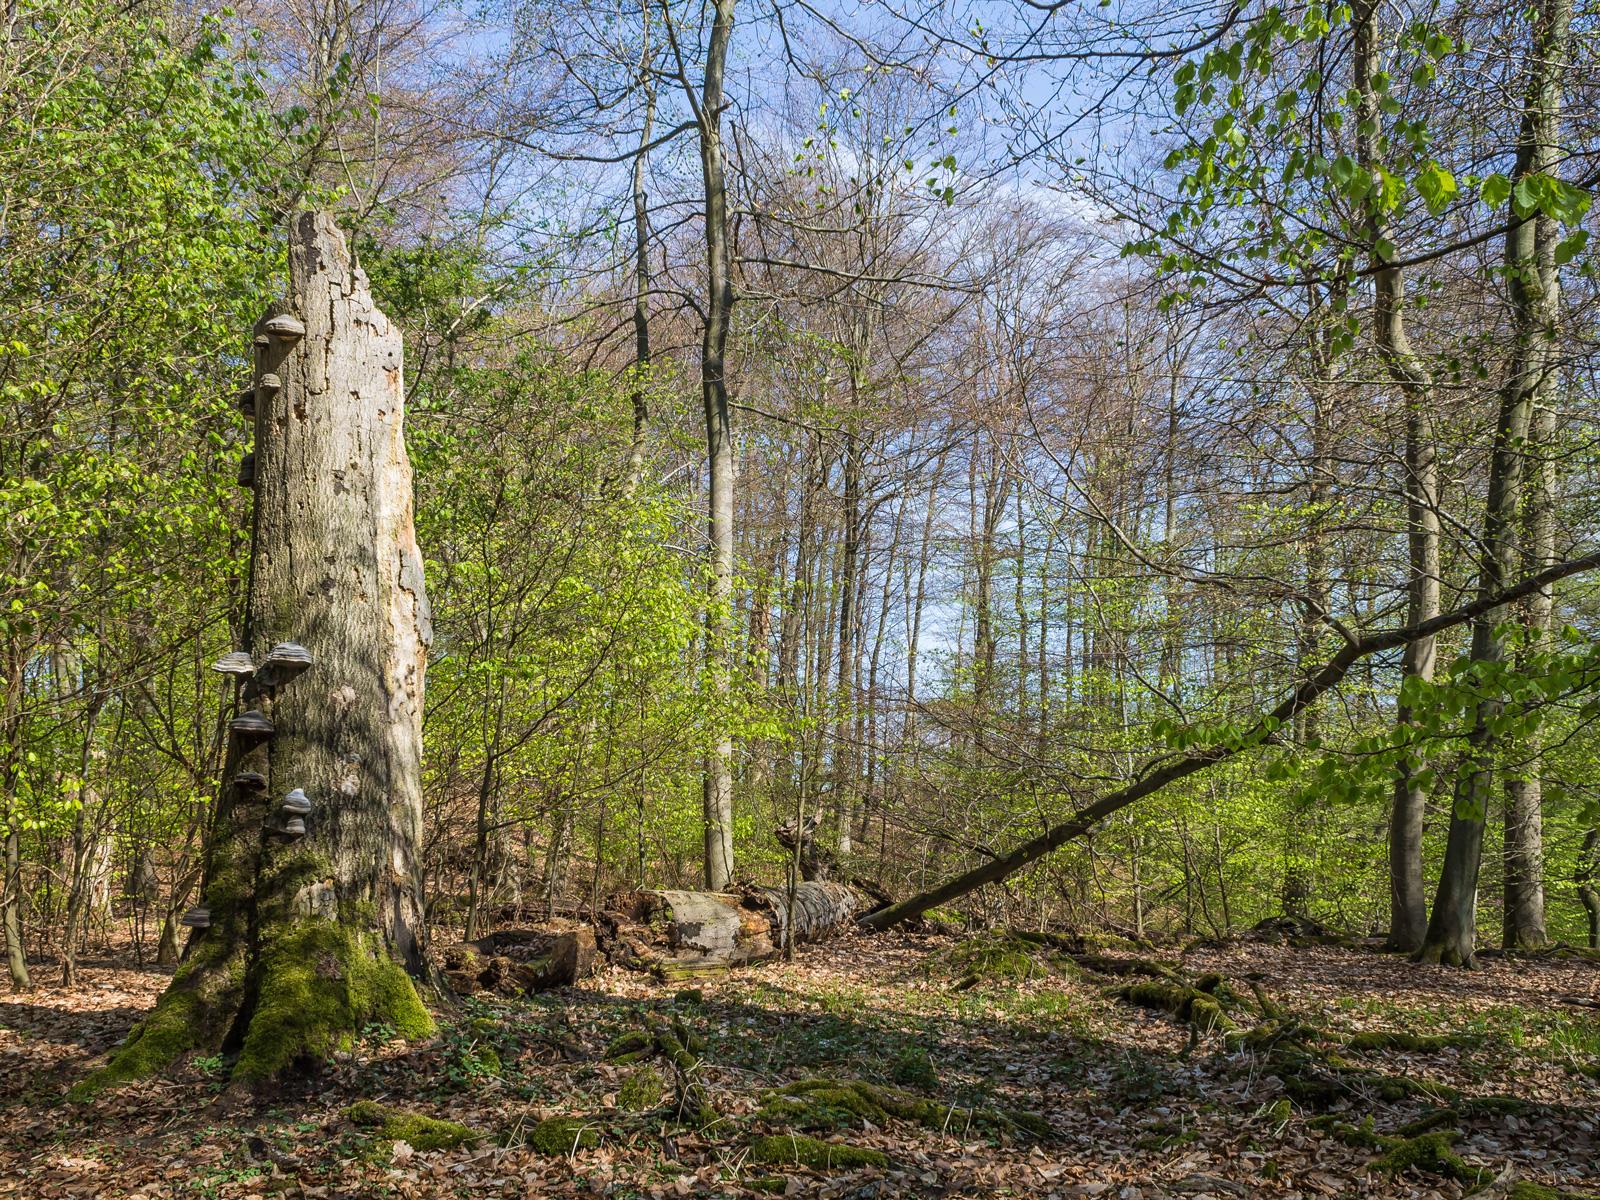 200 Festmeter Totholz pro Hektar